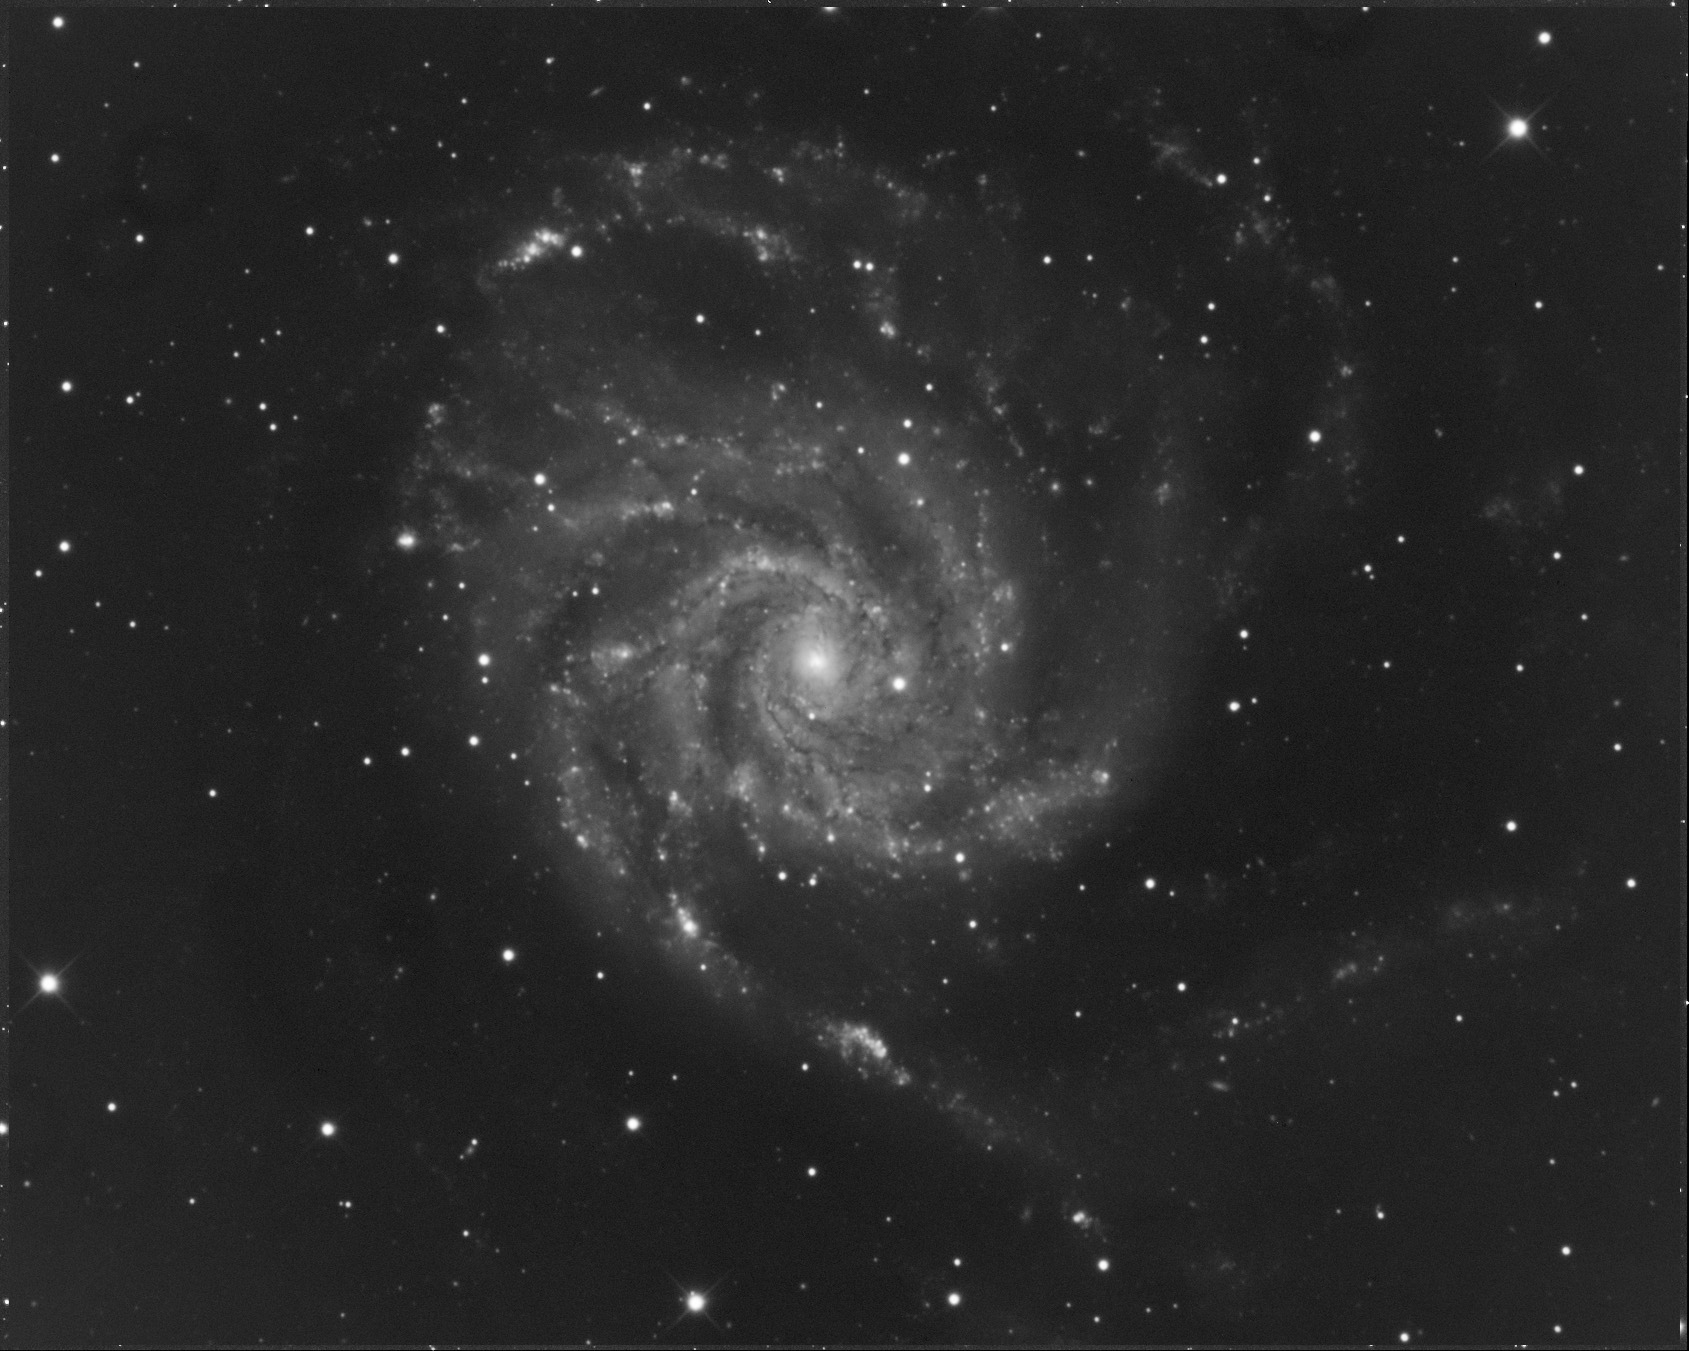 M101.jpg.8781844aa40d9749cea521cc296f6389.jpg